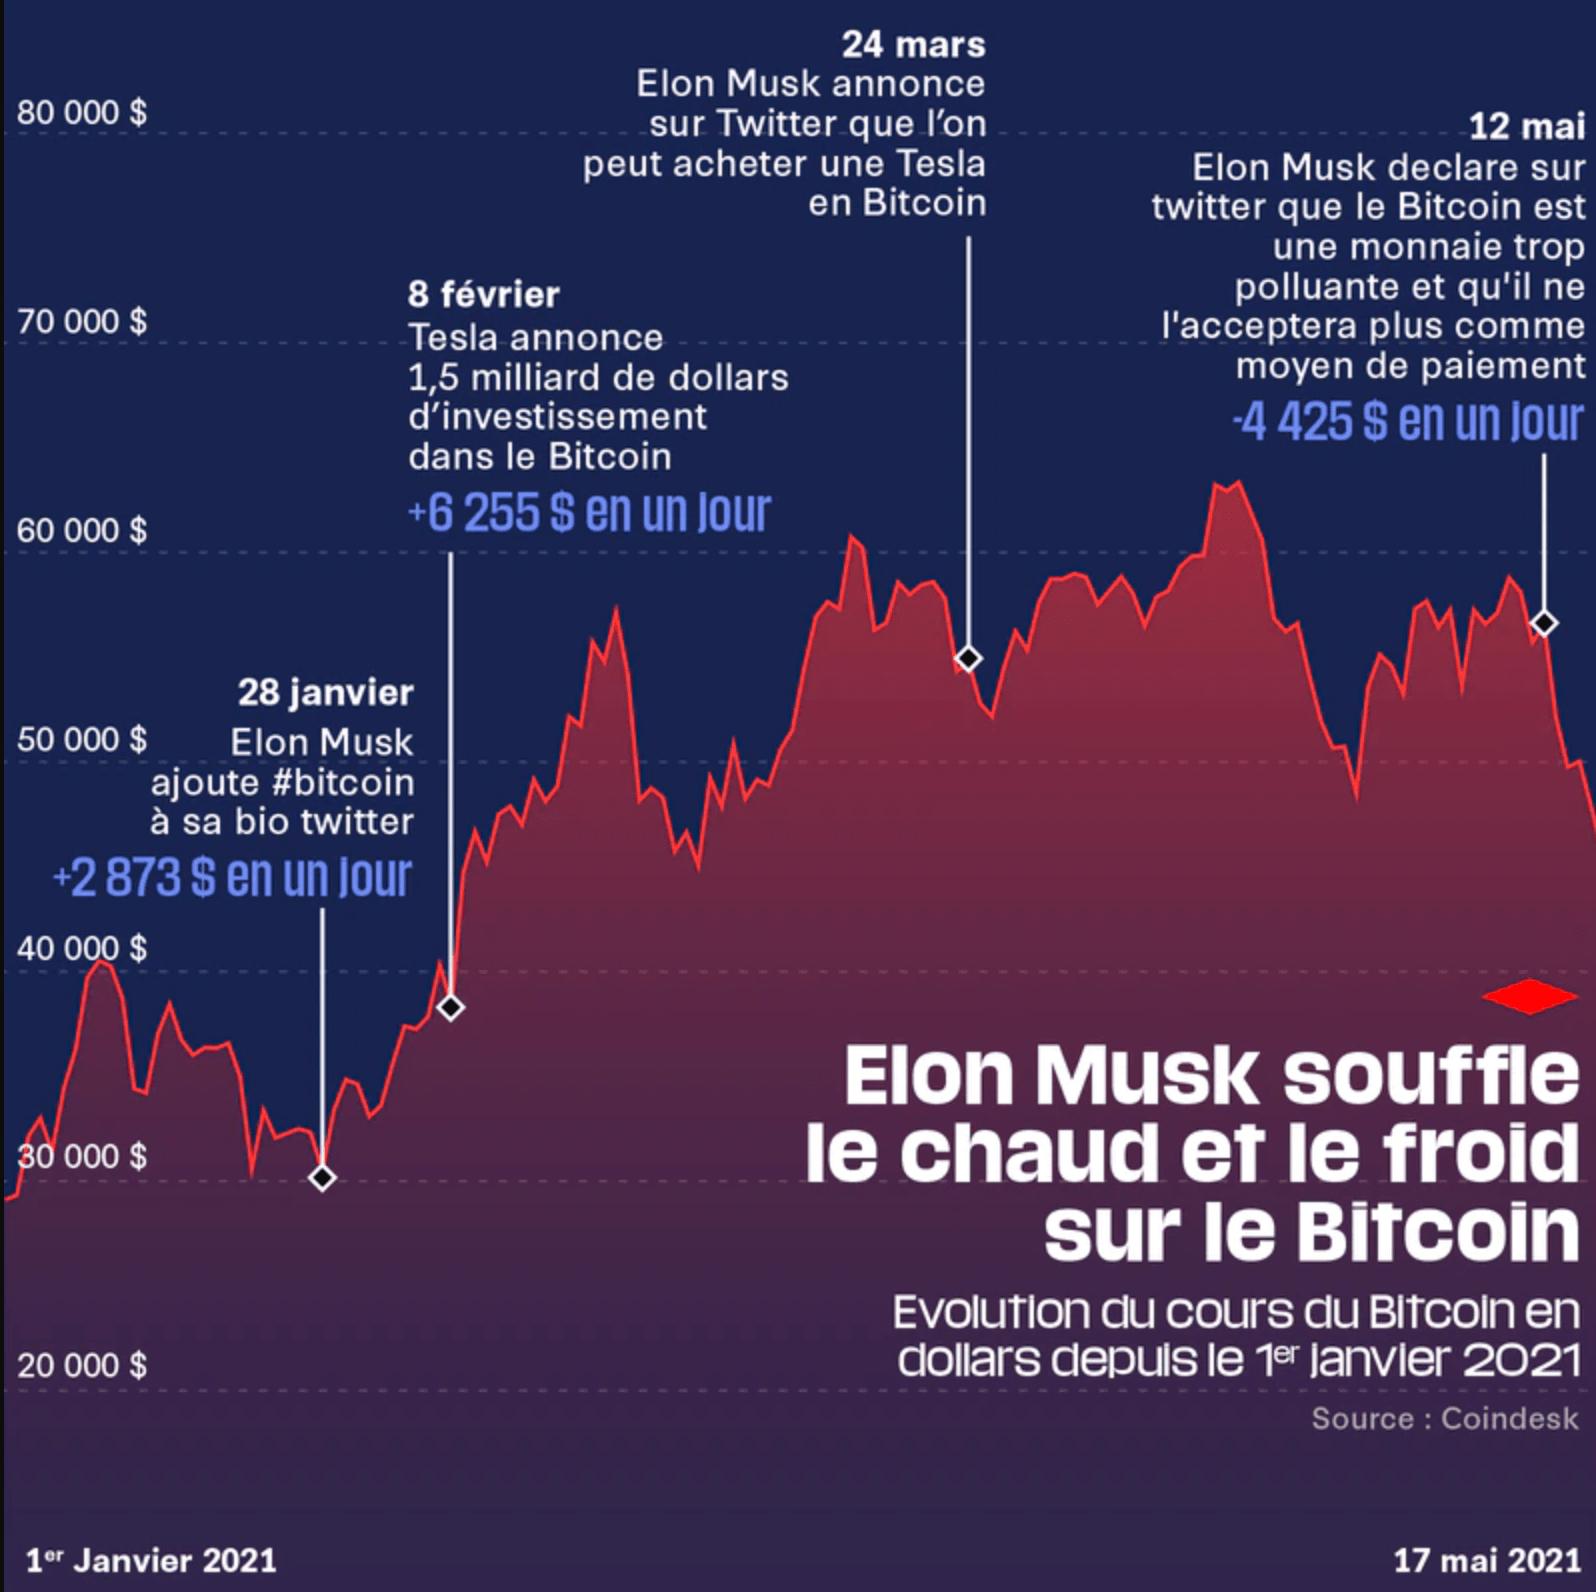 Cours du Bitcoin Dogecoin Musk